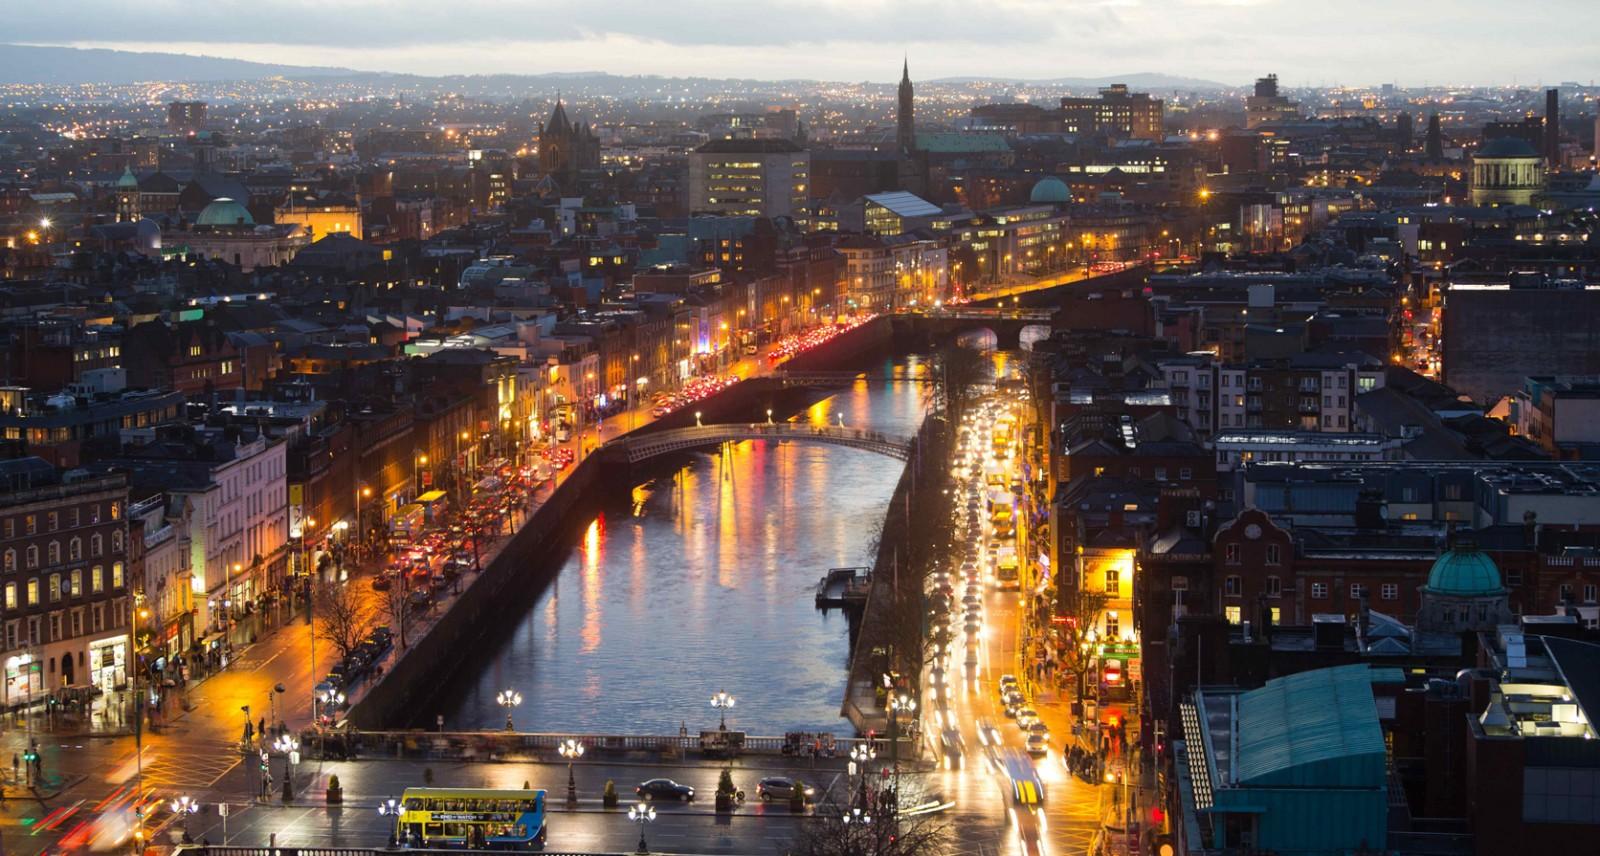 Панорамный вид на центр столицы Ирландии